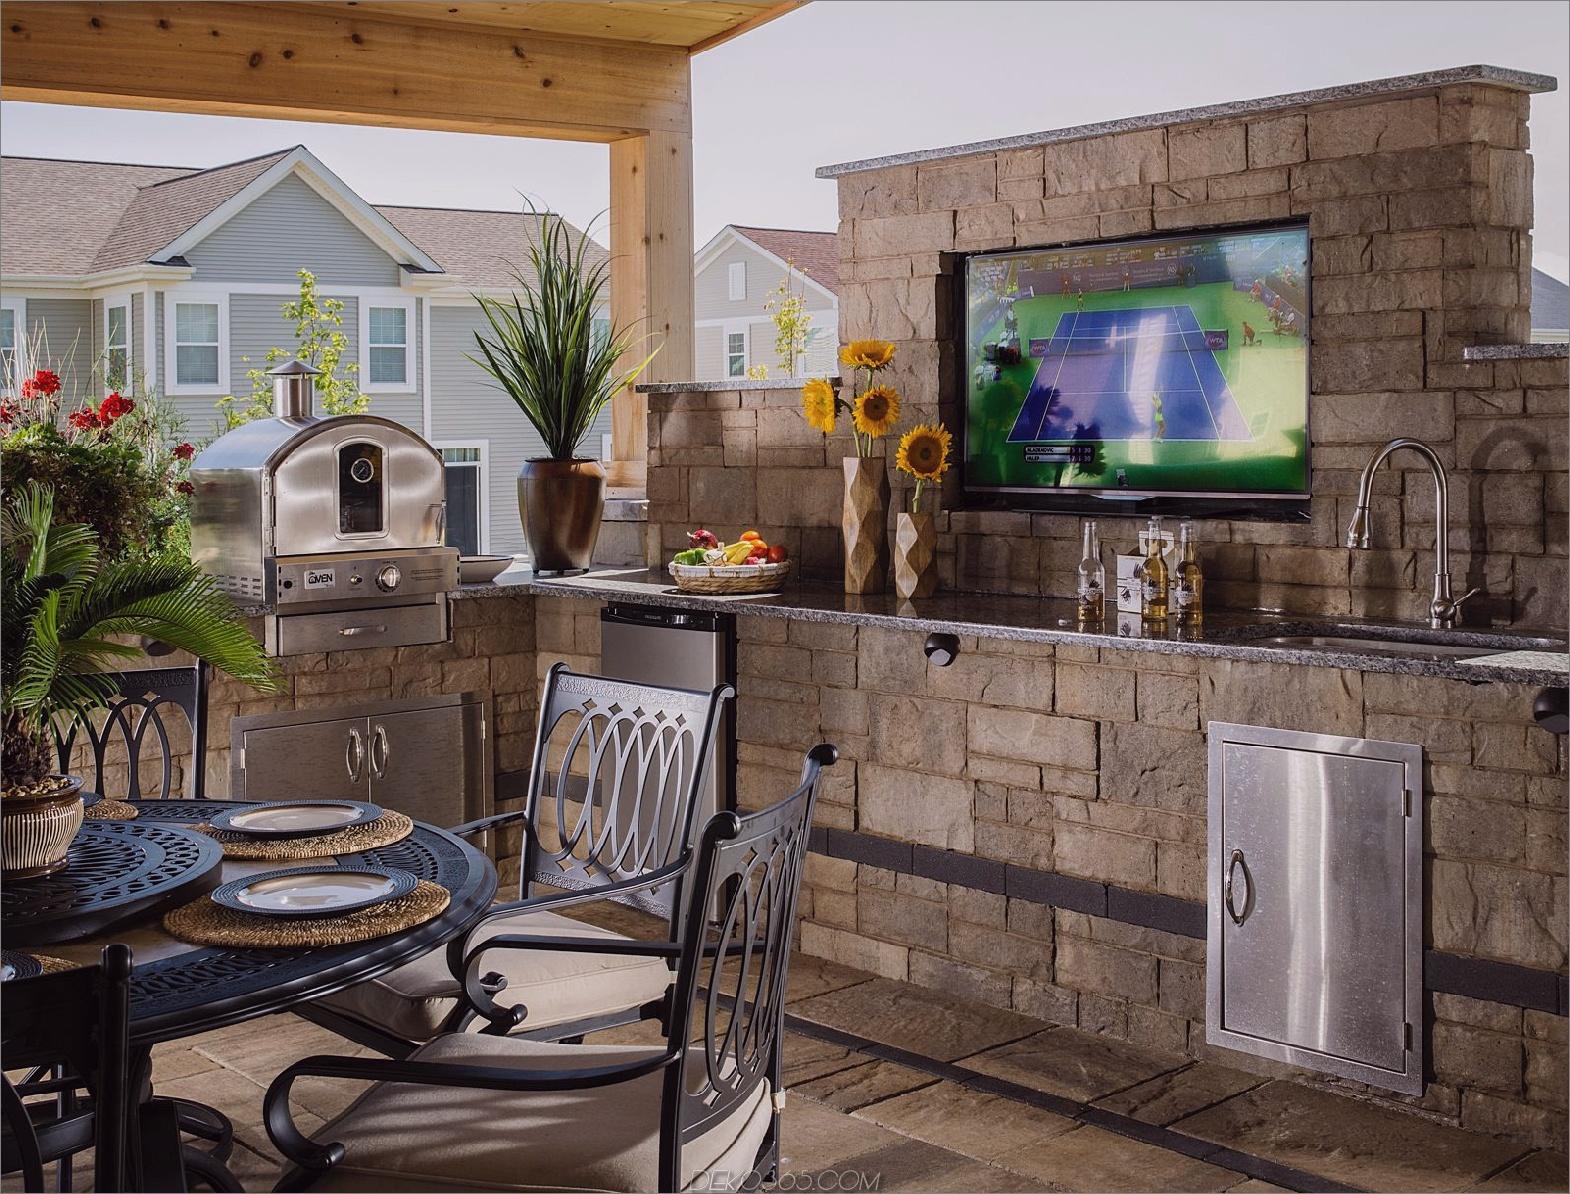 rustikale Outdoor-Küche Outdoor-Küche Ideen, die Sie sabbern lassen